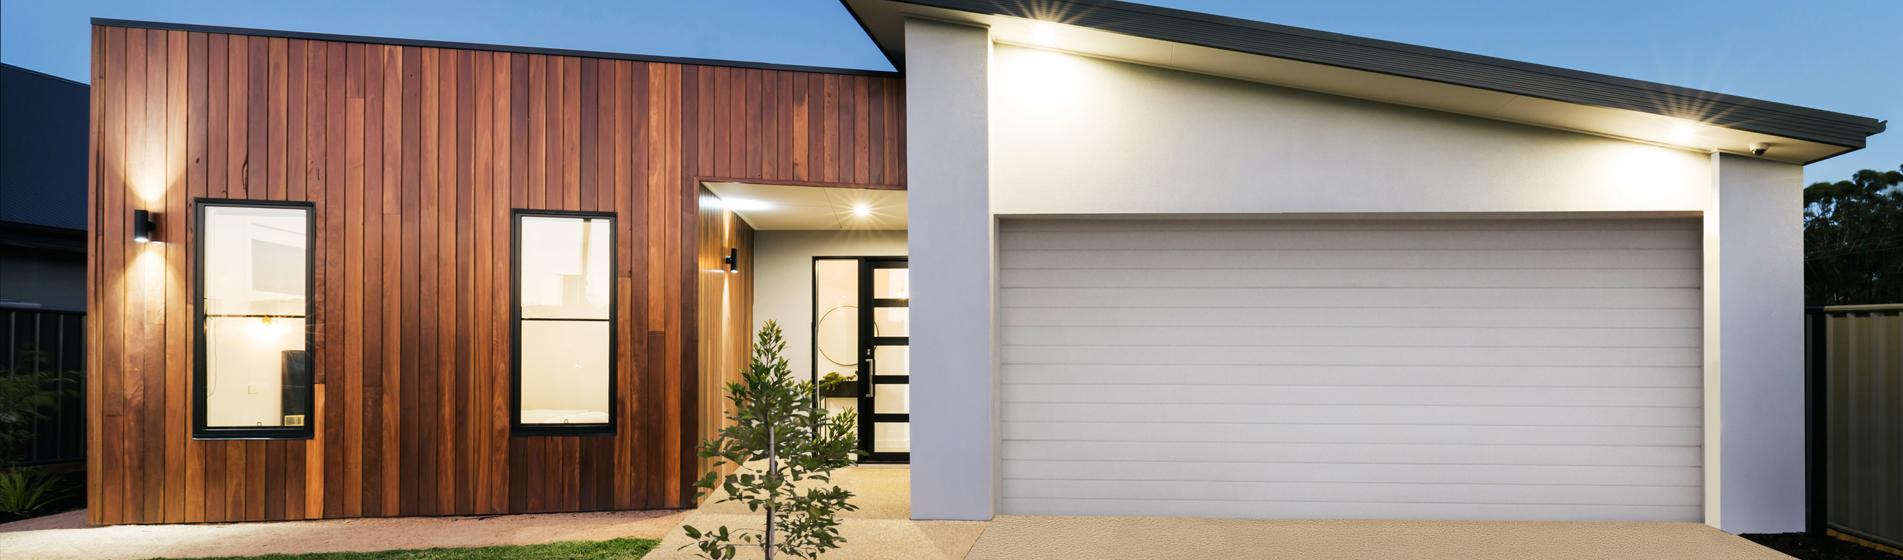 fabricant porte de garage avec portillon 84 Vaucluse